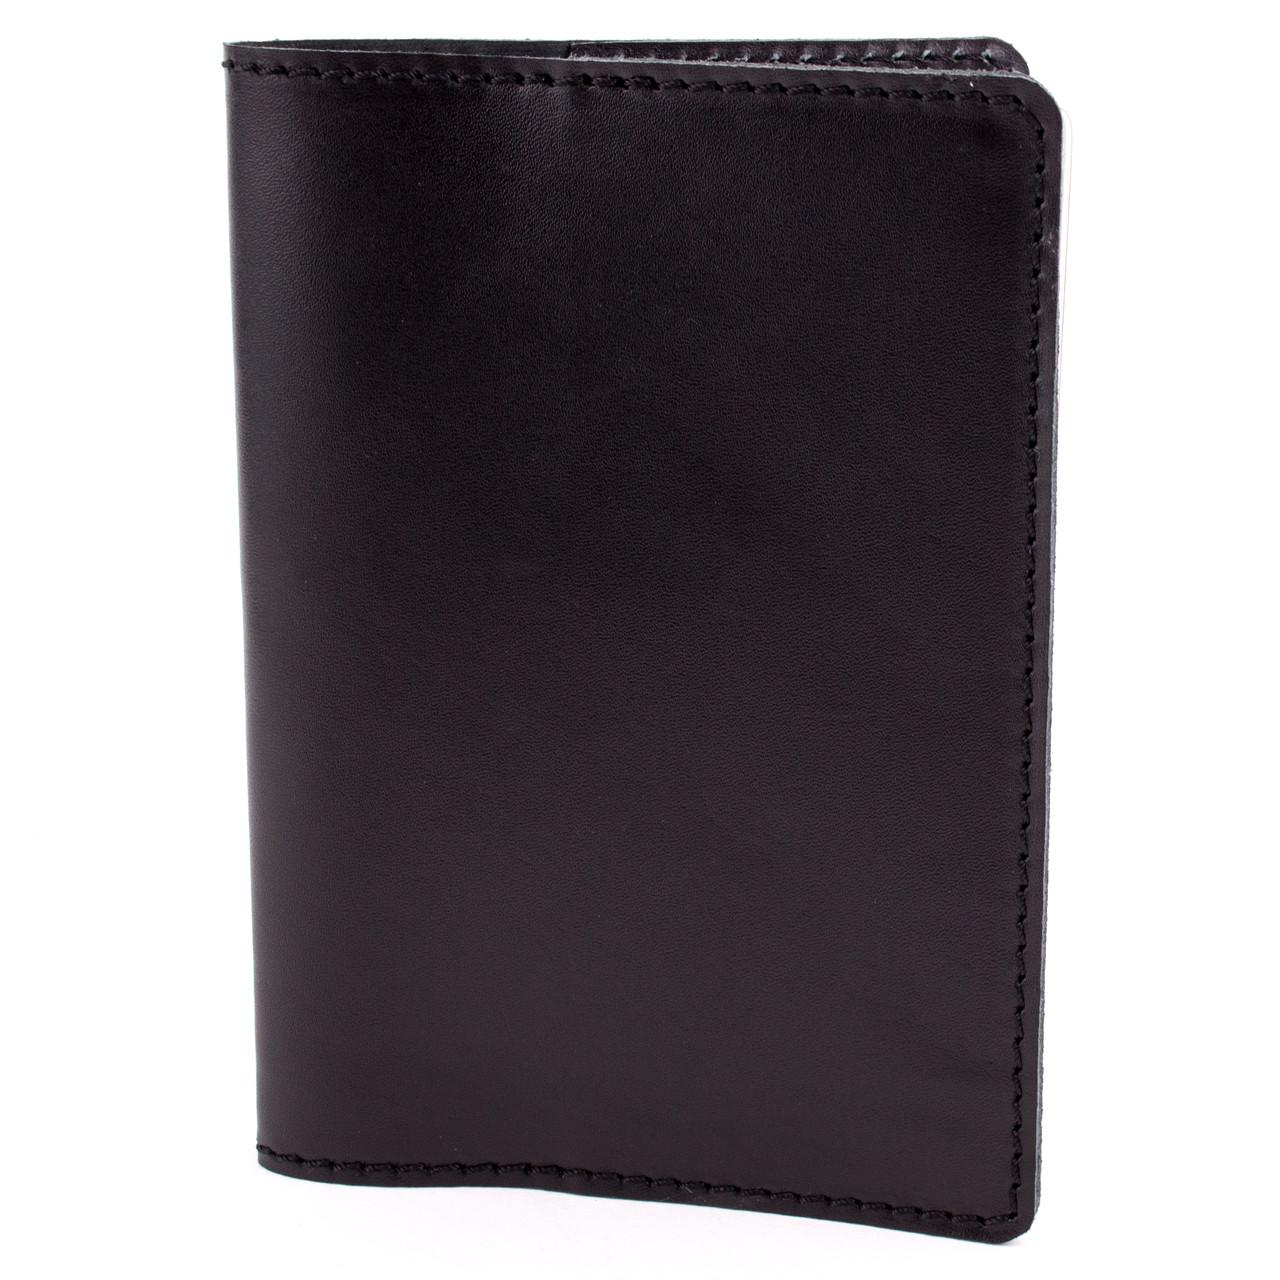 Обложка на паспорт кожаная Crez (черная гладкая)